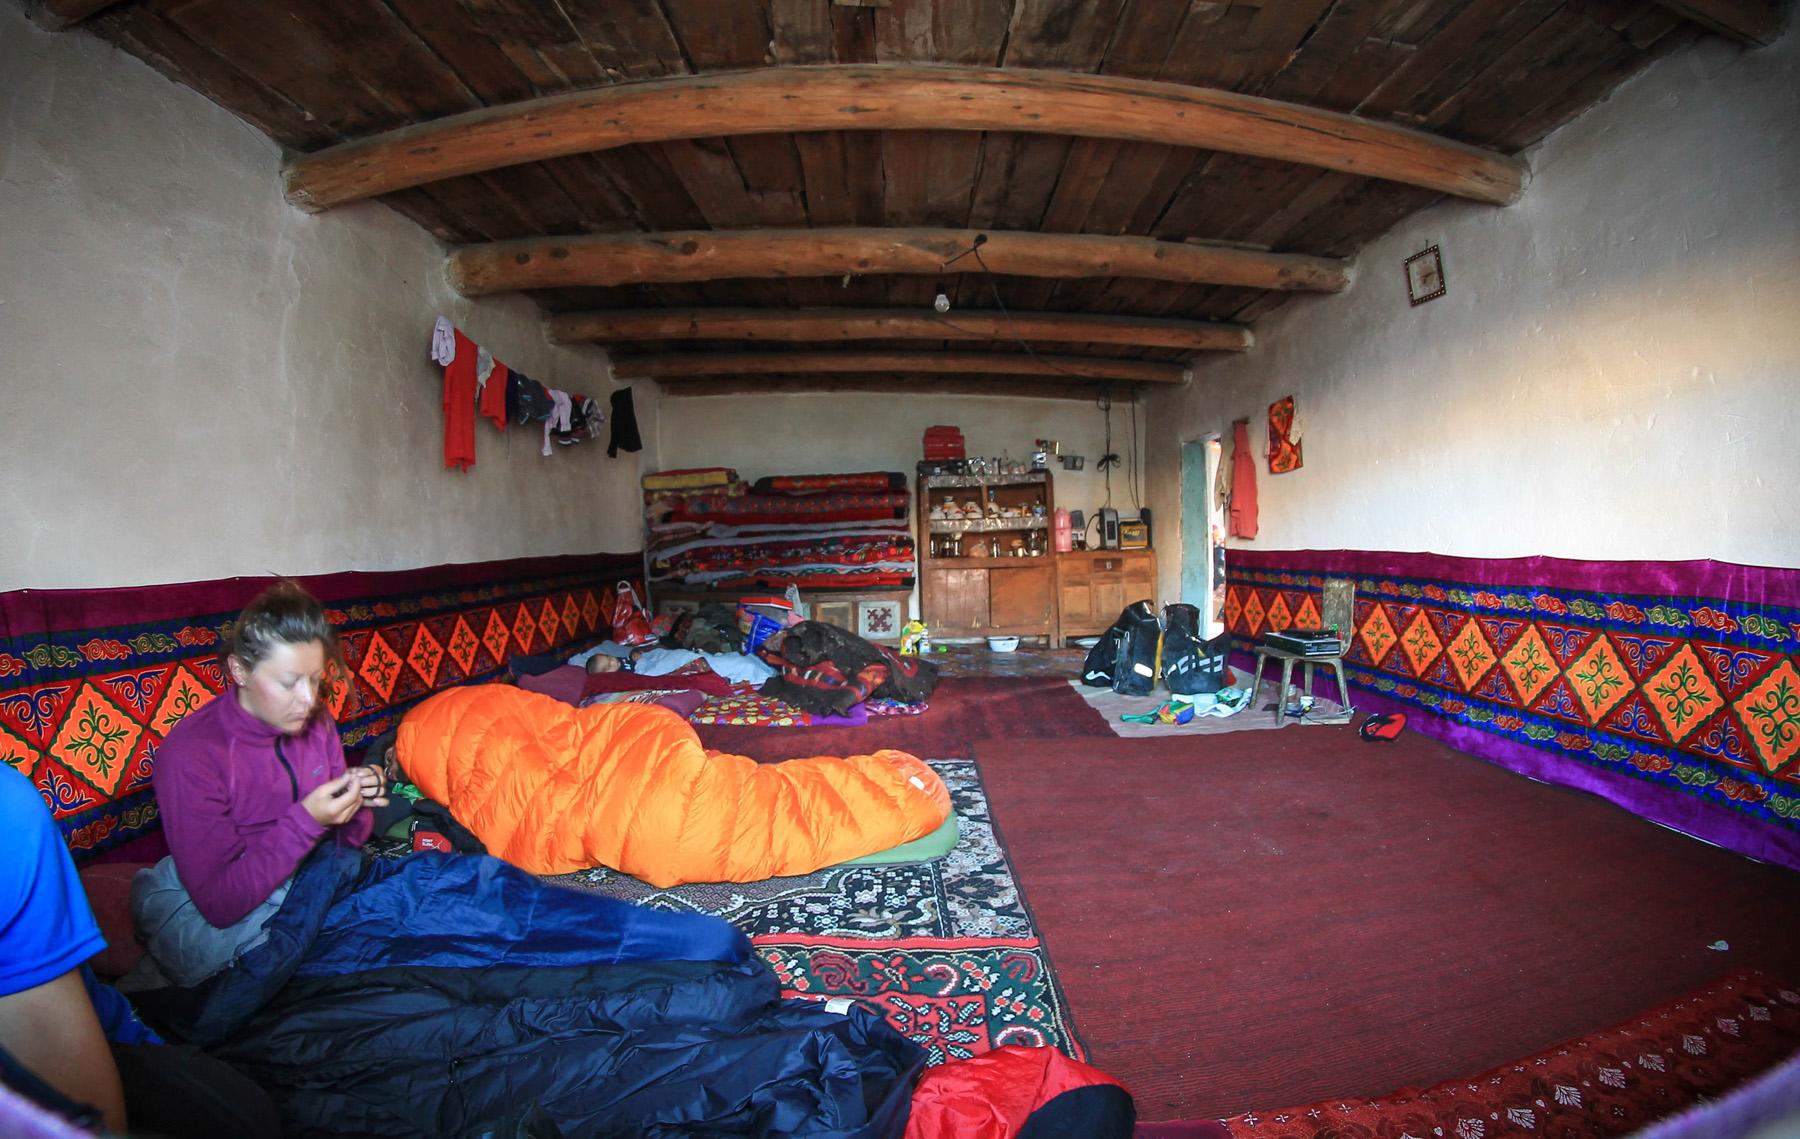 Pomieszczenie, gdzie zaproszono nas na noc